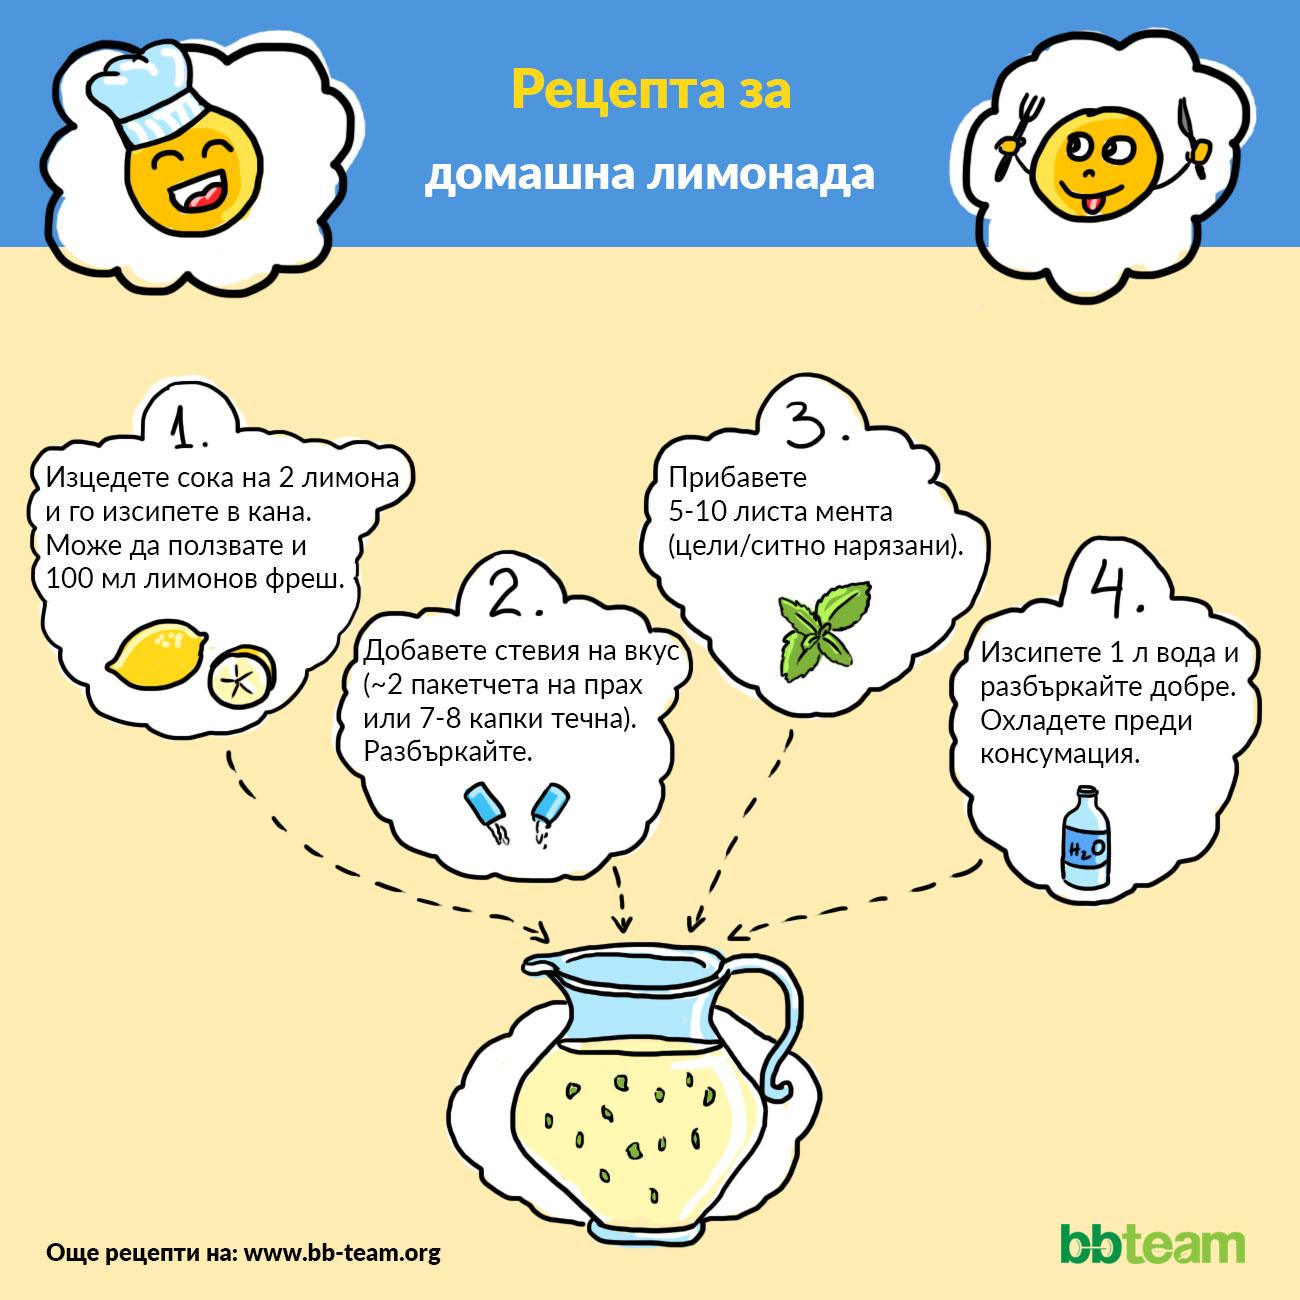 Рецепта за домашна лимонада [инфографика]